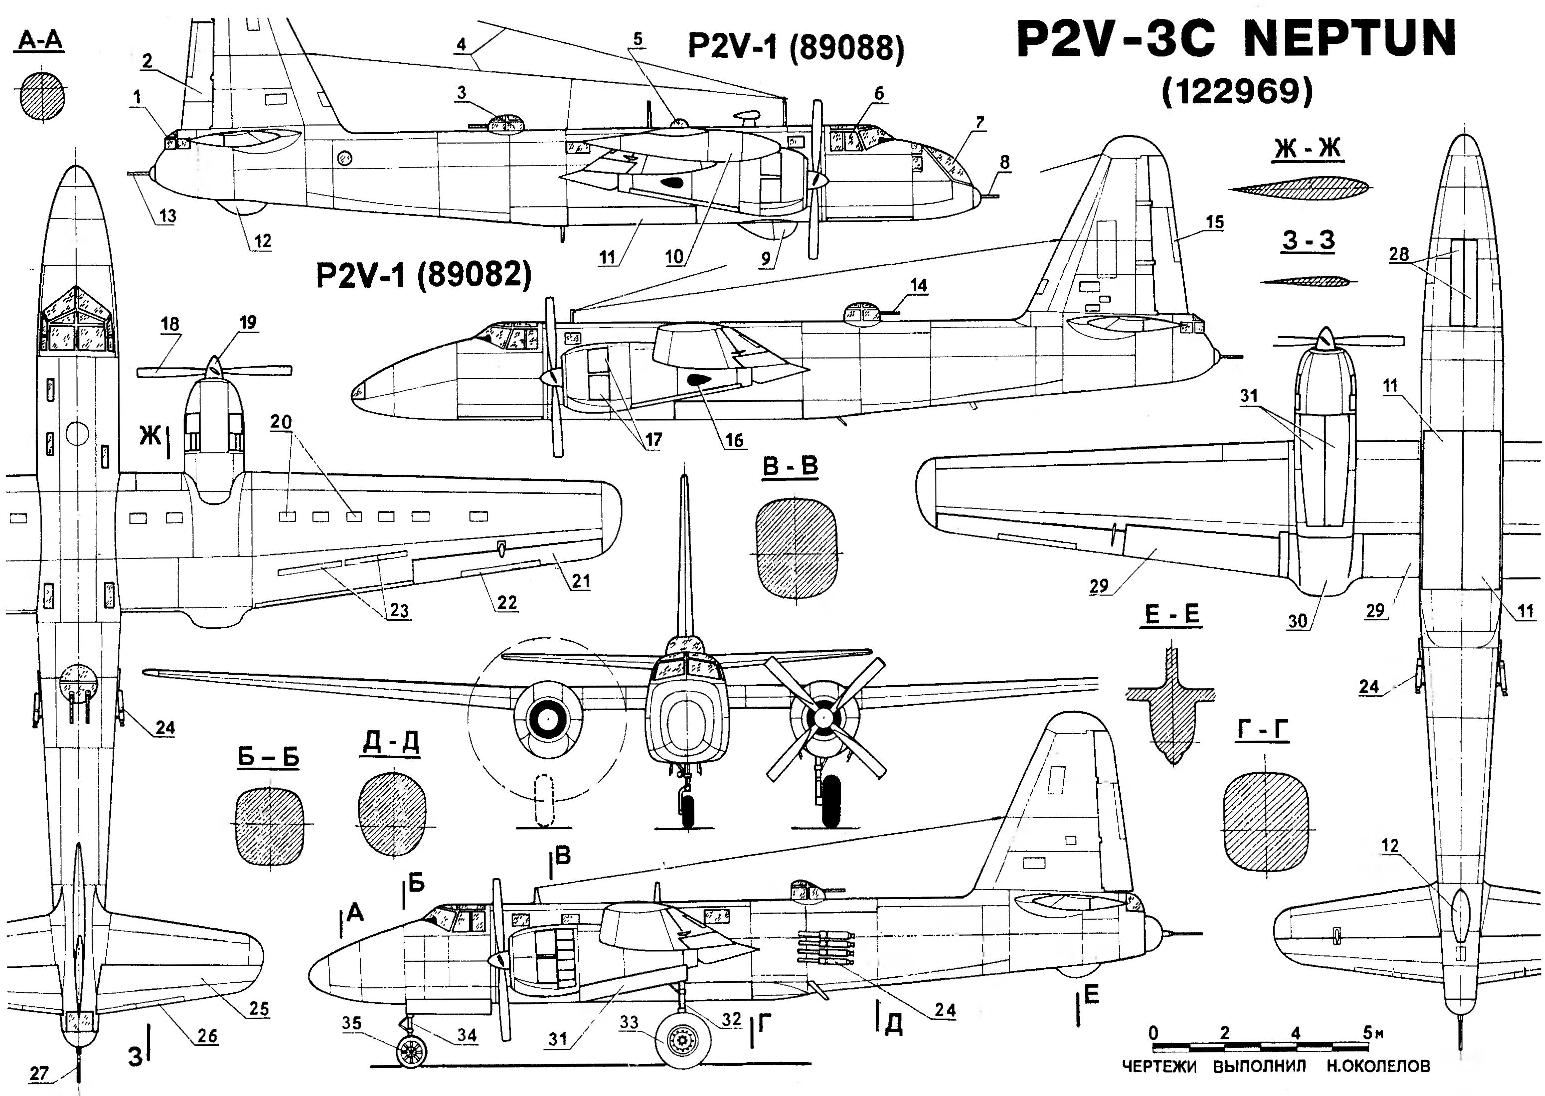 Патрульный бомбардировщик P2V NEPTUN и его модификации